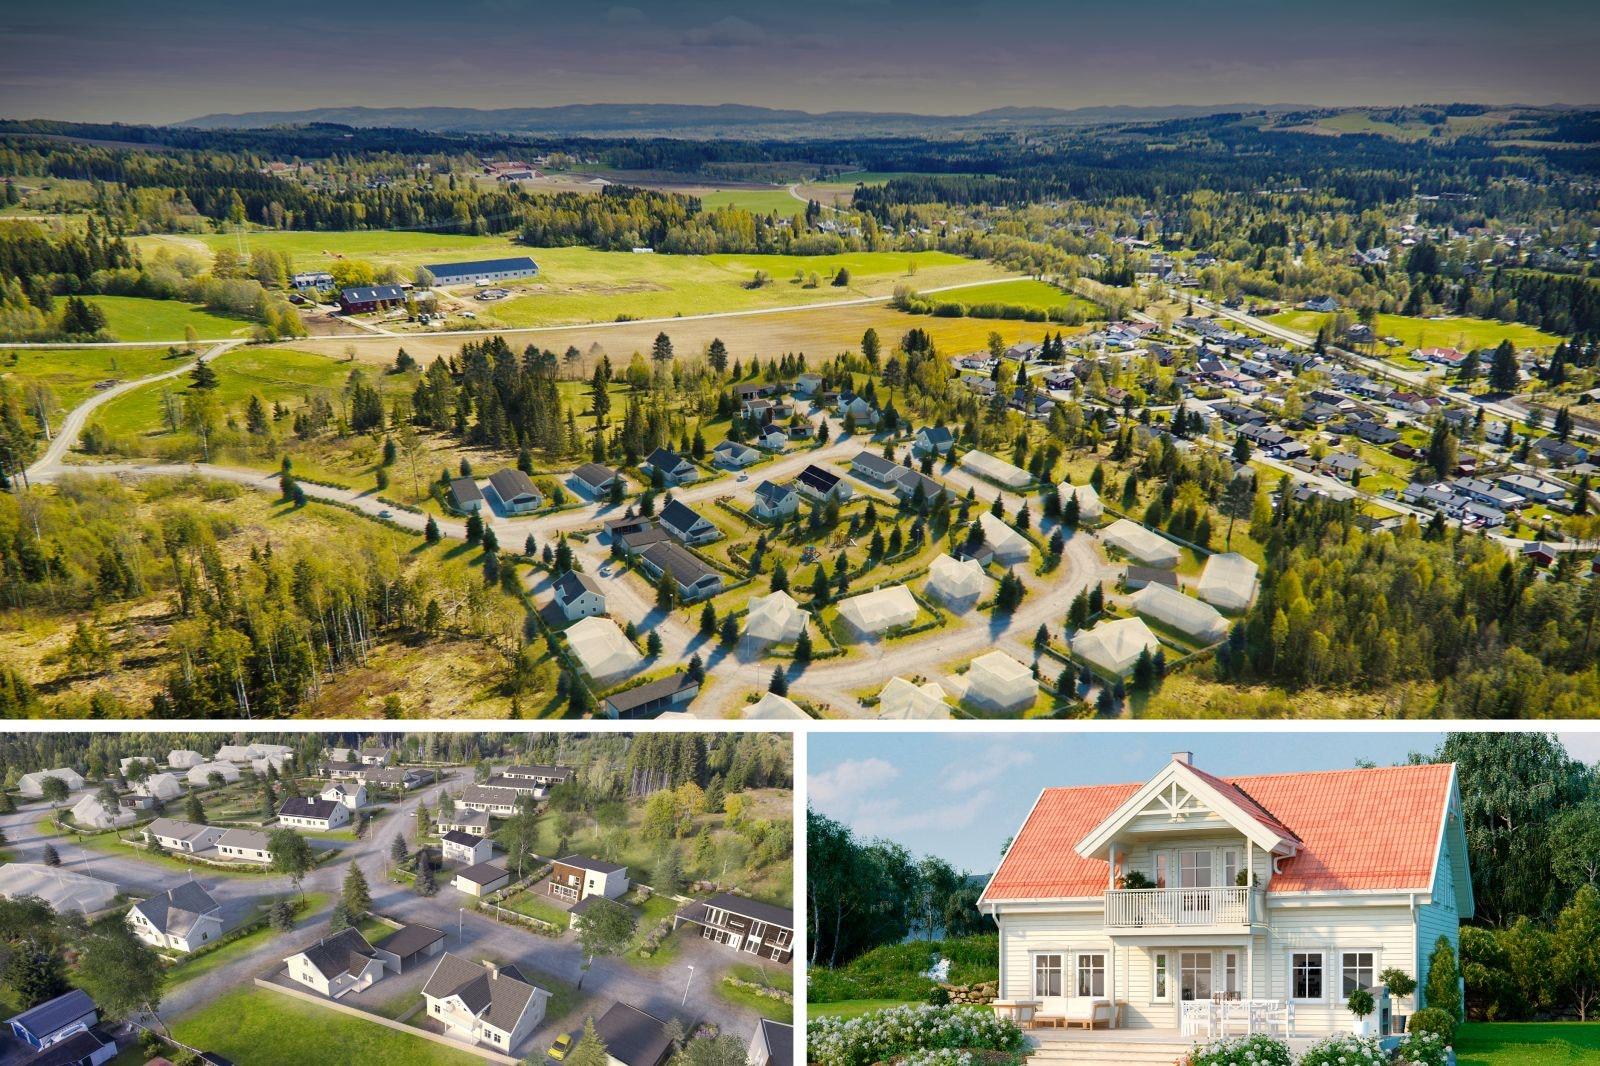 Bestselgeren Kongsheim – Tidløs bolig med god planløsning. 3-4 soverom, 2 bad, loftstue og balkong. Solrik tomt. Gode tog- og bussforbindelser.